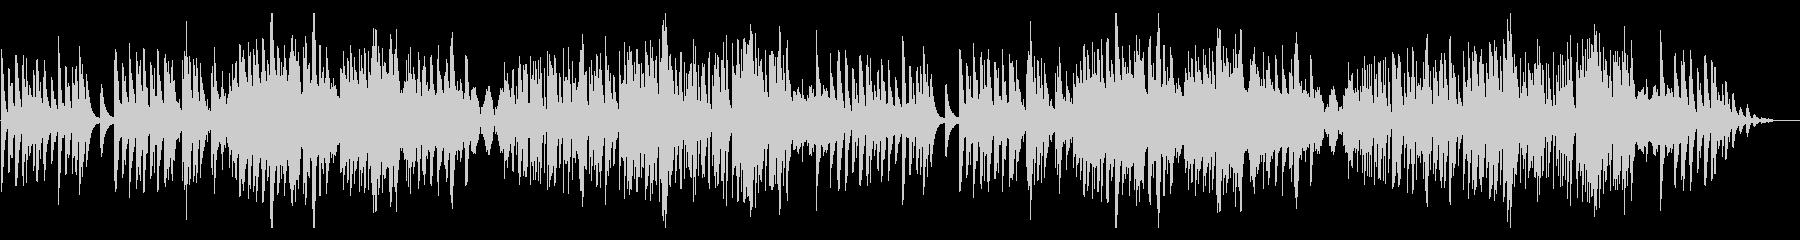 旋律とコード進行が光る静かなピアノソロ曲の未再生の波形